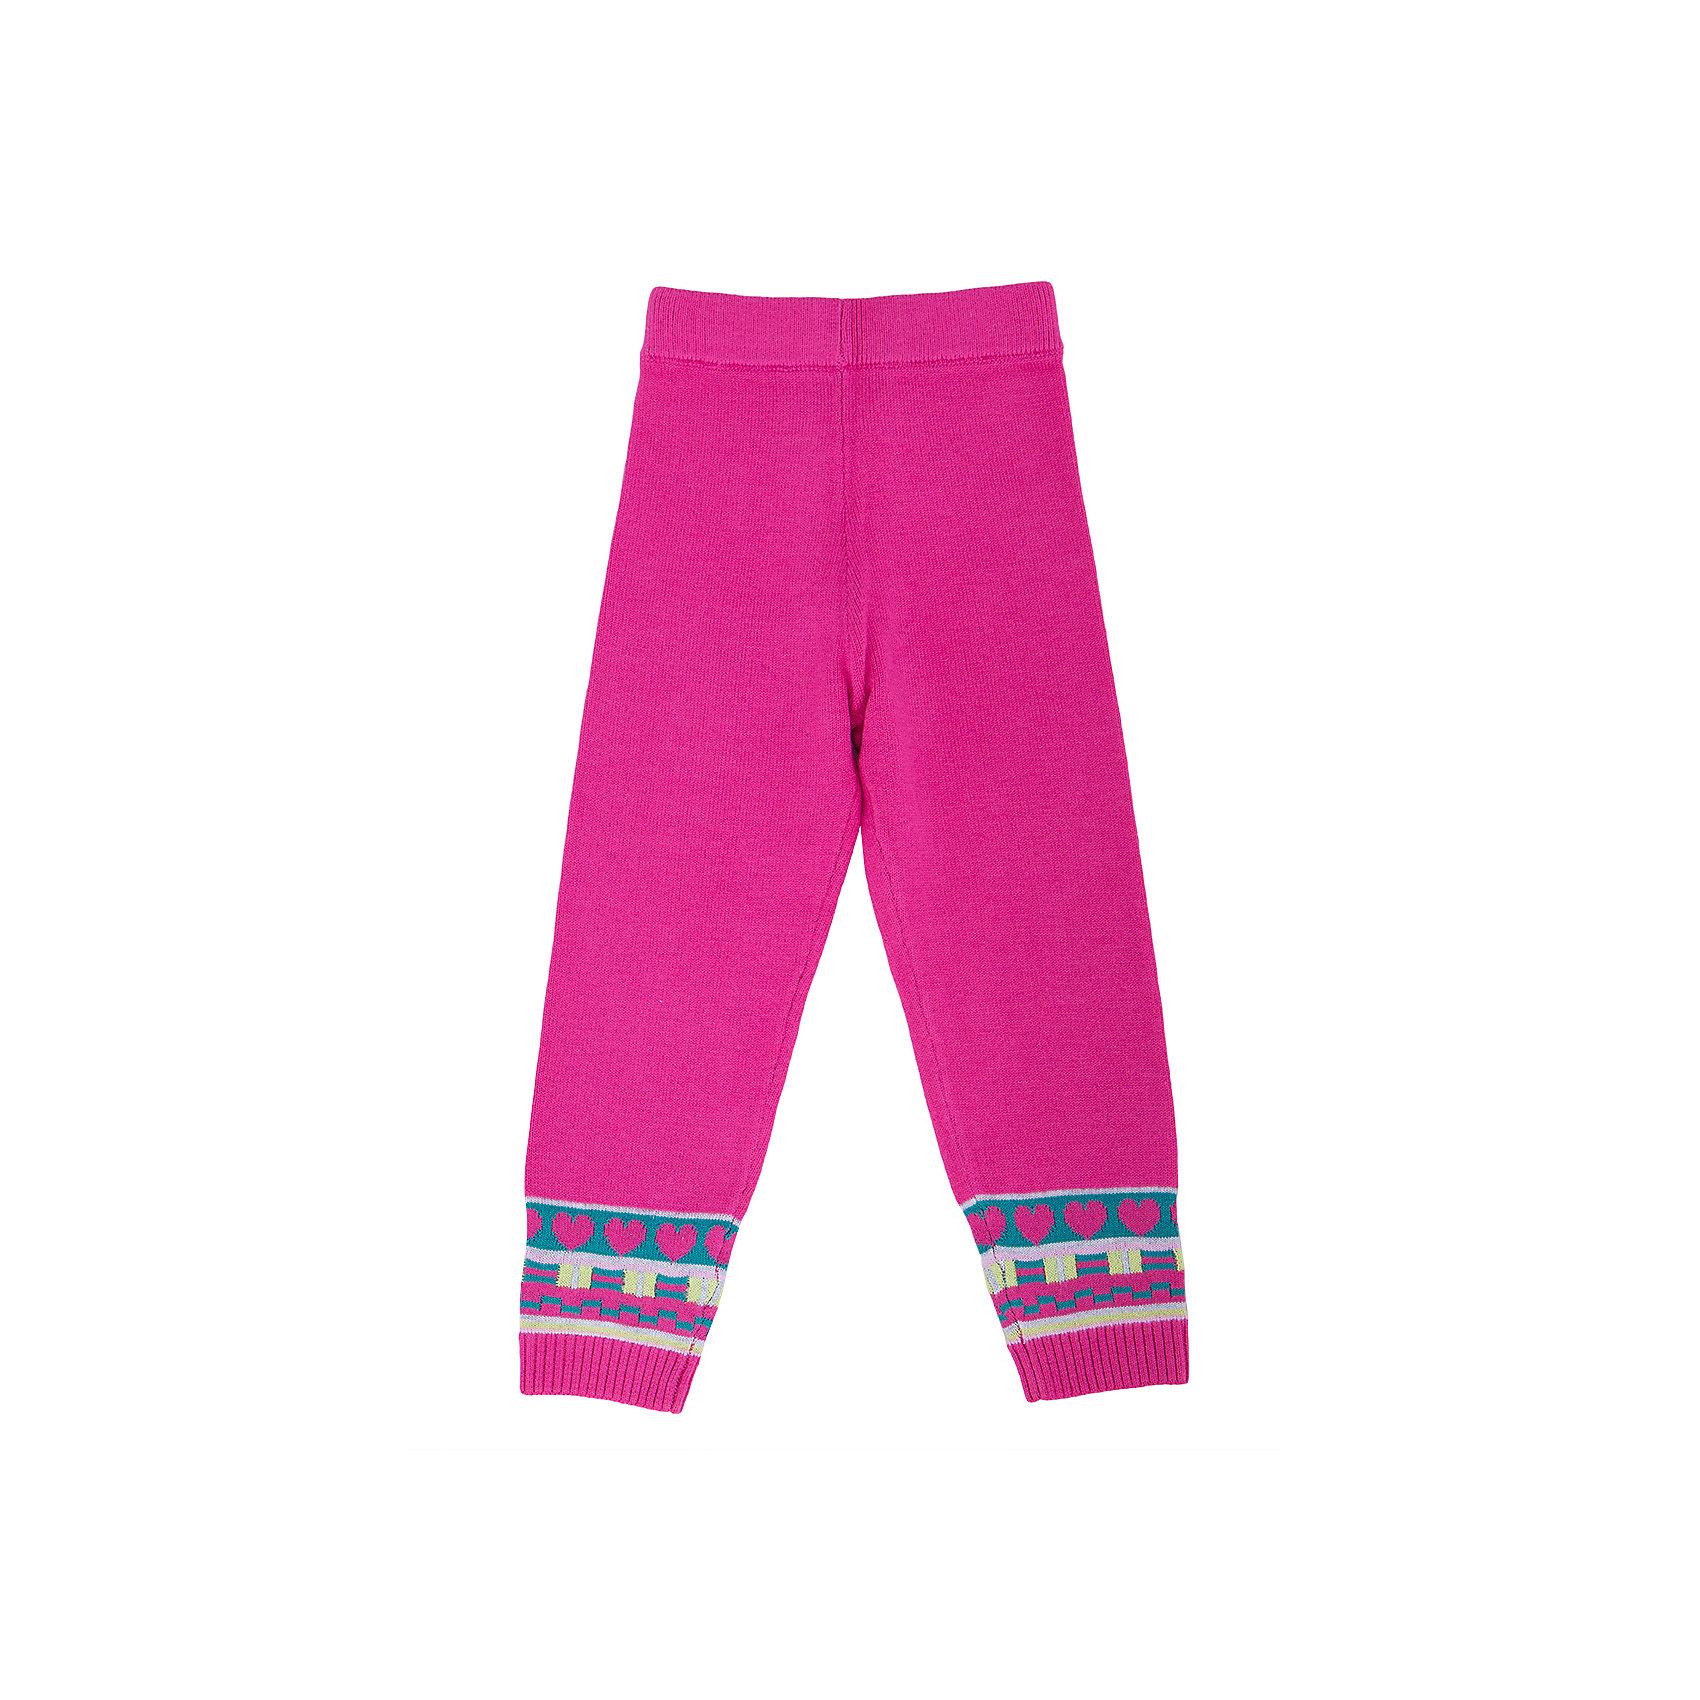 Брюки для девочки Sweet BerryТакая модель брюк для девочки отличается теплой пряжей и оригинальным узором. Удачный крой обеспечит ребенку комфорт и тепло. Мягкая пряжа делает вещь идеальной для прохладной погоды. Она плотно прилегает к телу там, где нужно, и отлично сидит по фигуре. Брюки имеют мягкую резинку на талии. <br>Одежда от бренда Sweet Berry - это простой и выгодный способ одеть ребенка удобно и стильно. Всё изделия тщательно проработаны: швы - прочные, материал - качественный, фурнитура - подобранная специально для детей. <br><br>Дополнительная информация:<br><br>цвет: розовый;<br>резинка на талии;<br>материал: 60% хлопок, 40% акрил.<br><br>Брюки для девочки от бренда Sweet Berry можно купить в нашем интернет-магазине.<br><br>Ширина мм: 215<br>Глубина мм: 88<br>Высота мм: 191<br>Вес г: 336<br>Цвет: розовый<br>Возраст от месяцев: 24<br>Возраст до месяцев: 36<br>Пол: Женский<br>Возраст: Детский<br>Размер: 98,80,86,92<br>SKU: 4931253